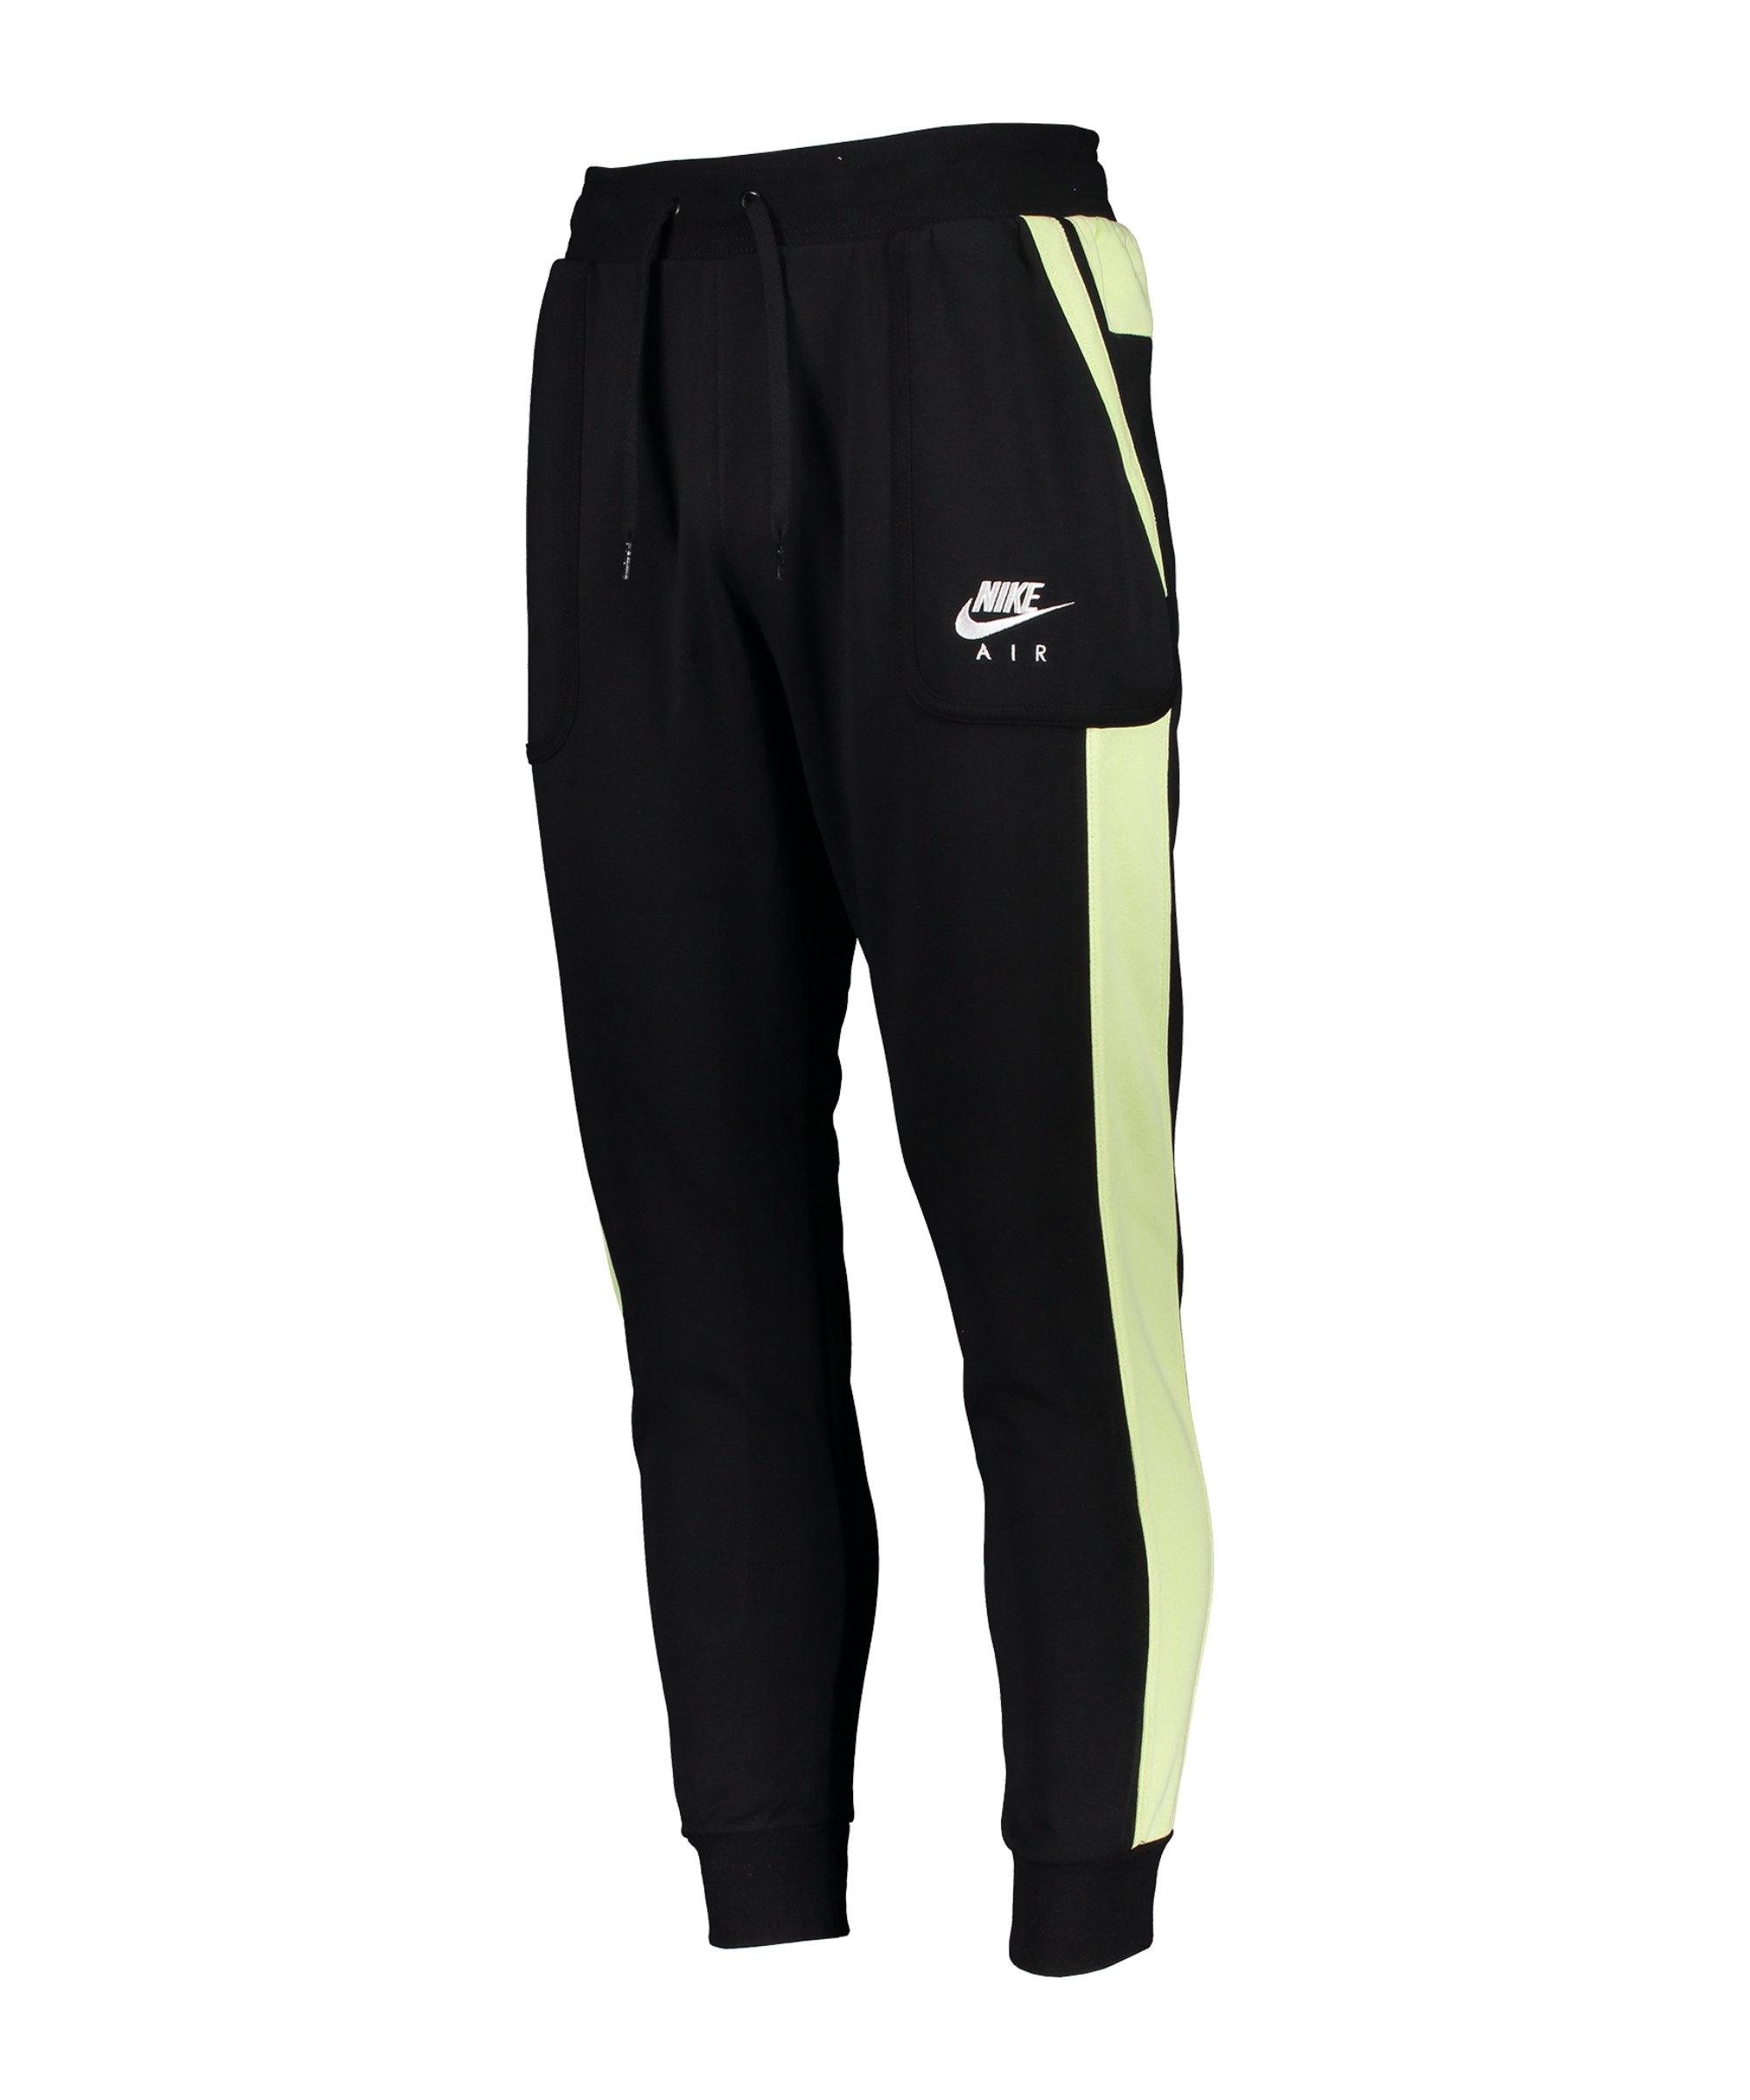 Nike Air Fleece Jogginghose Schwarz Grün F010 - schwarz